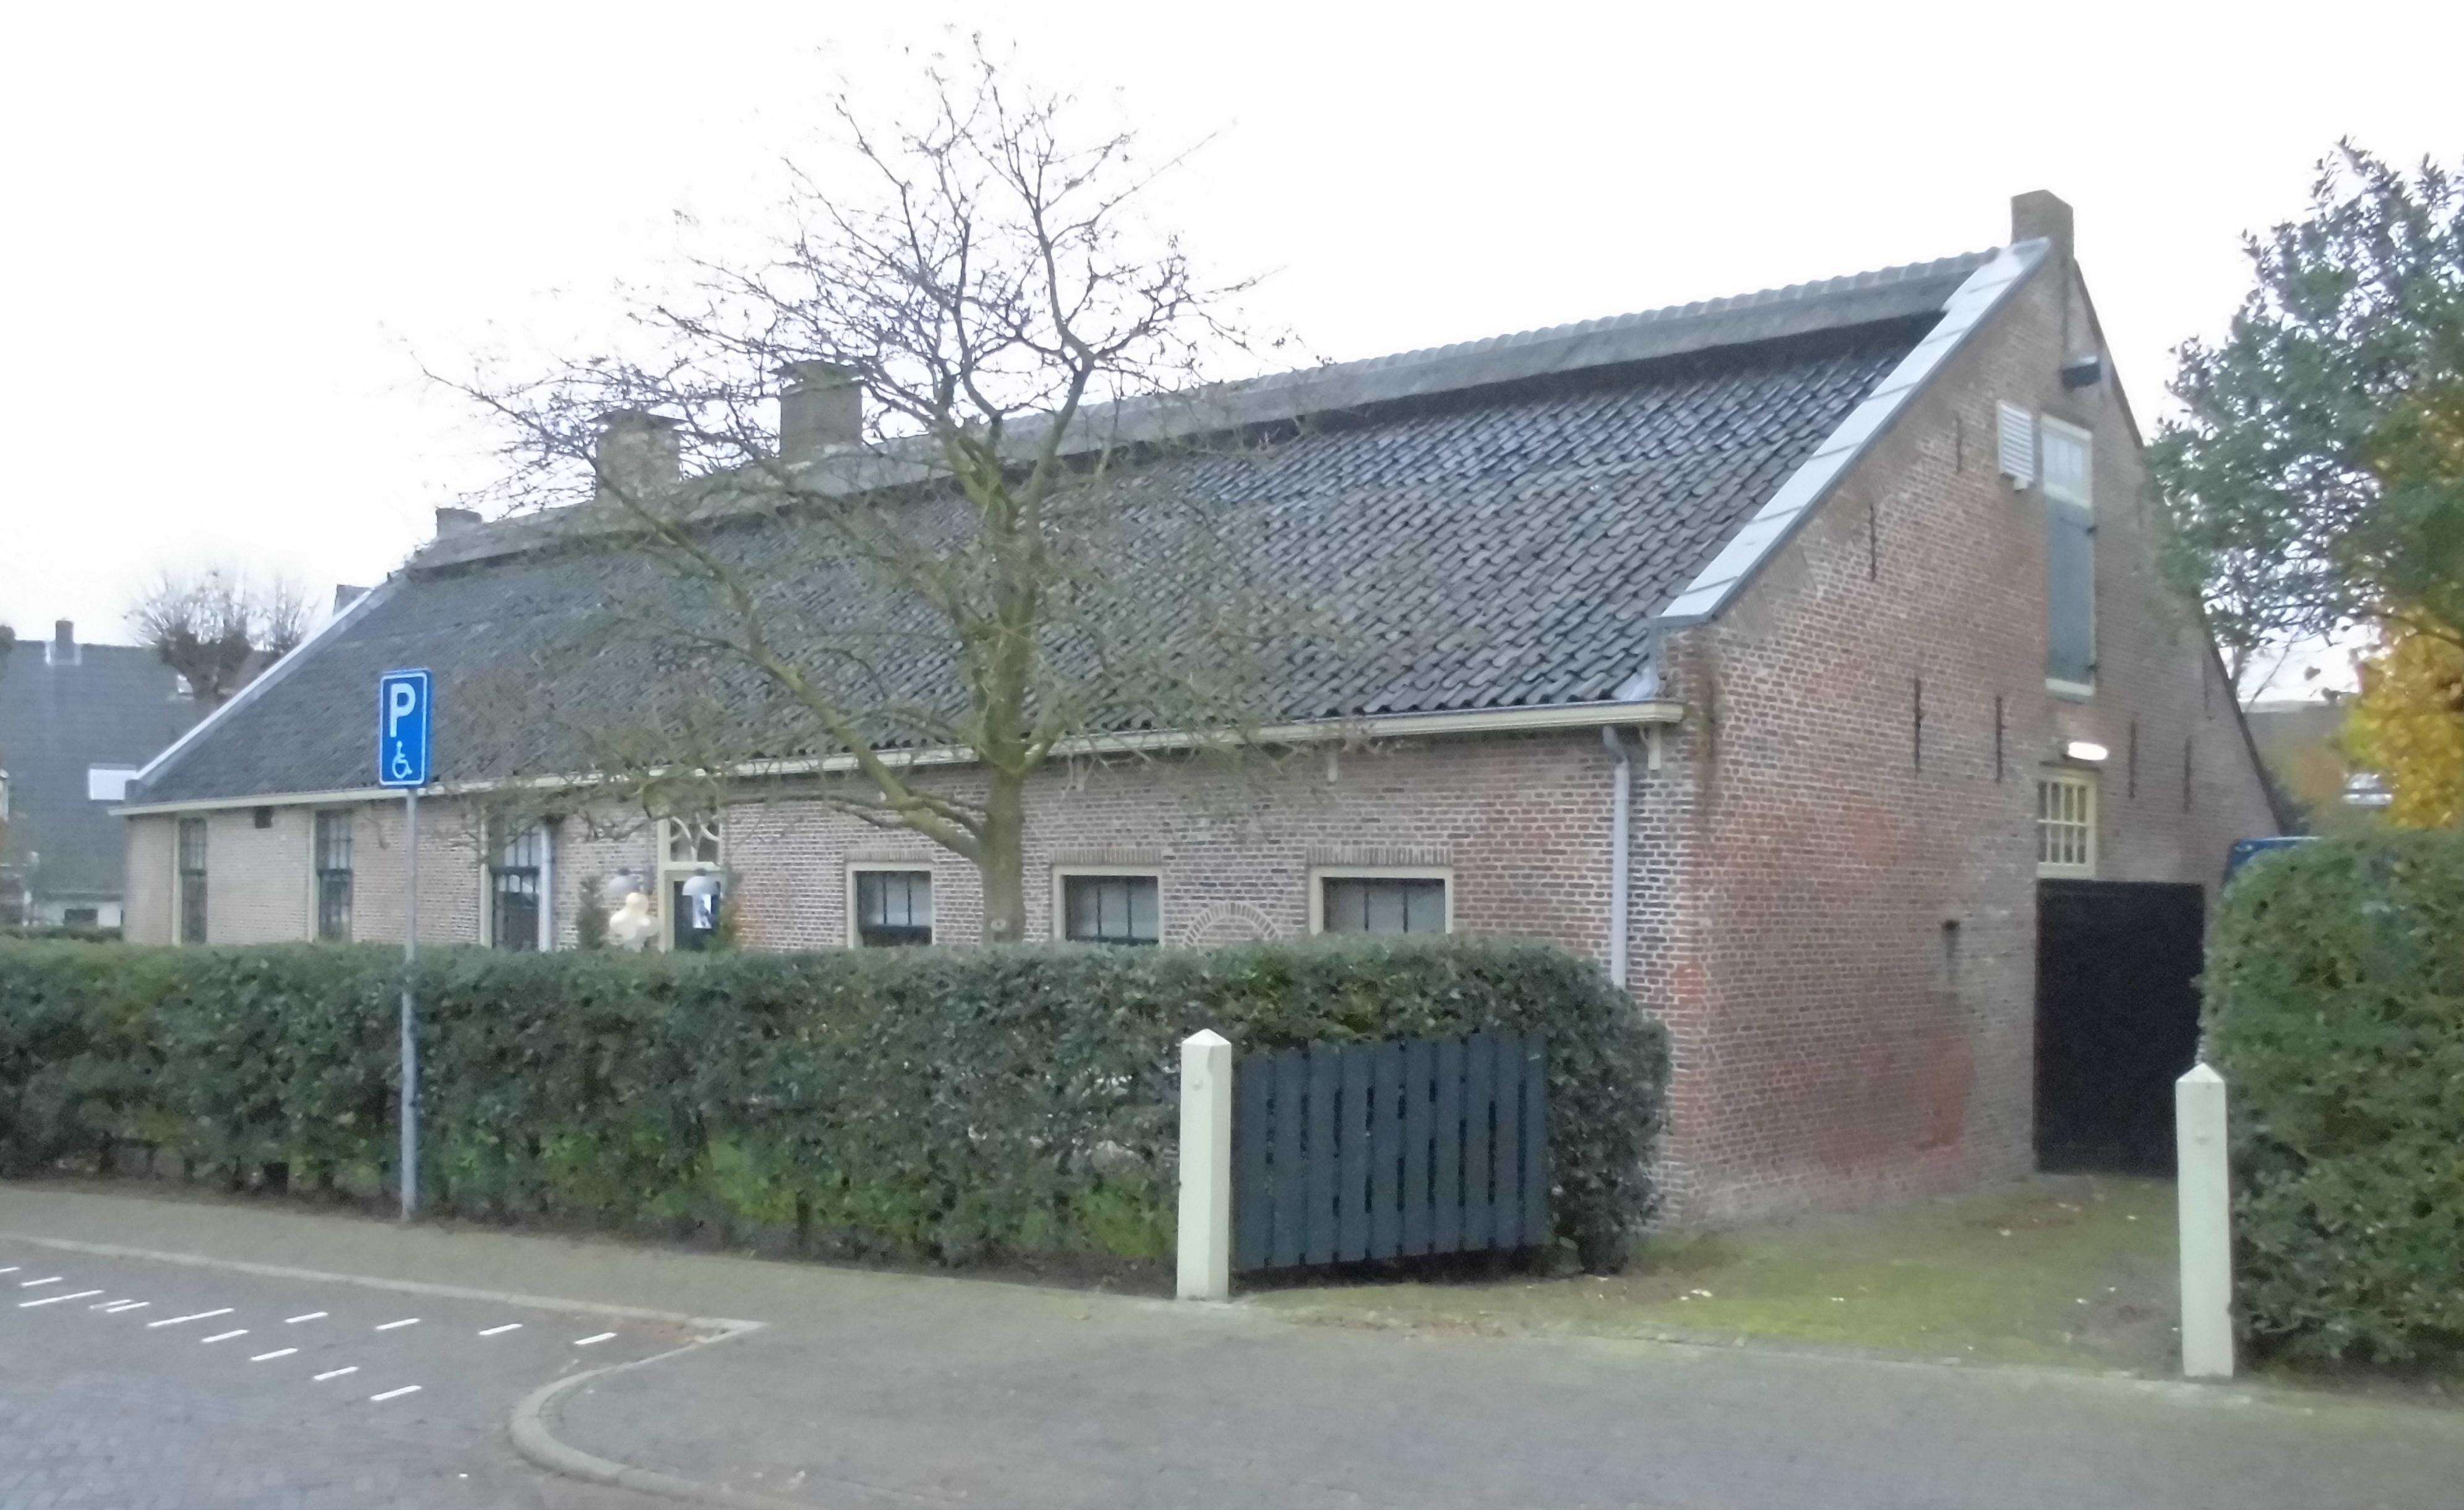 Boerderij met topgevel in huizen monument - Huizen van de wereldbank ...